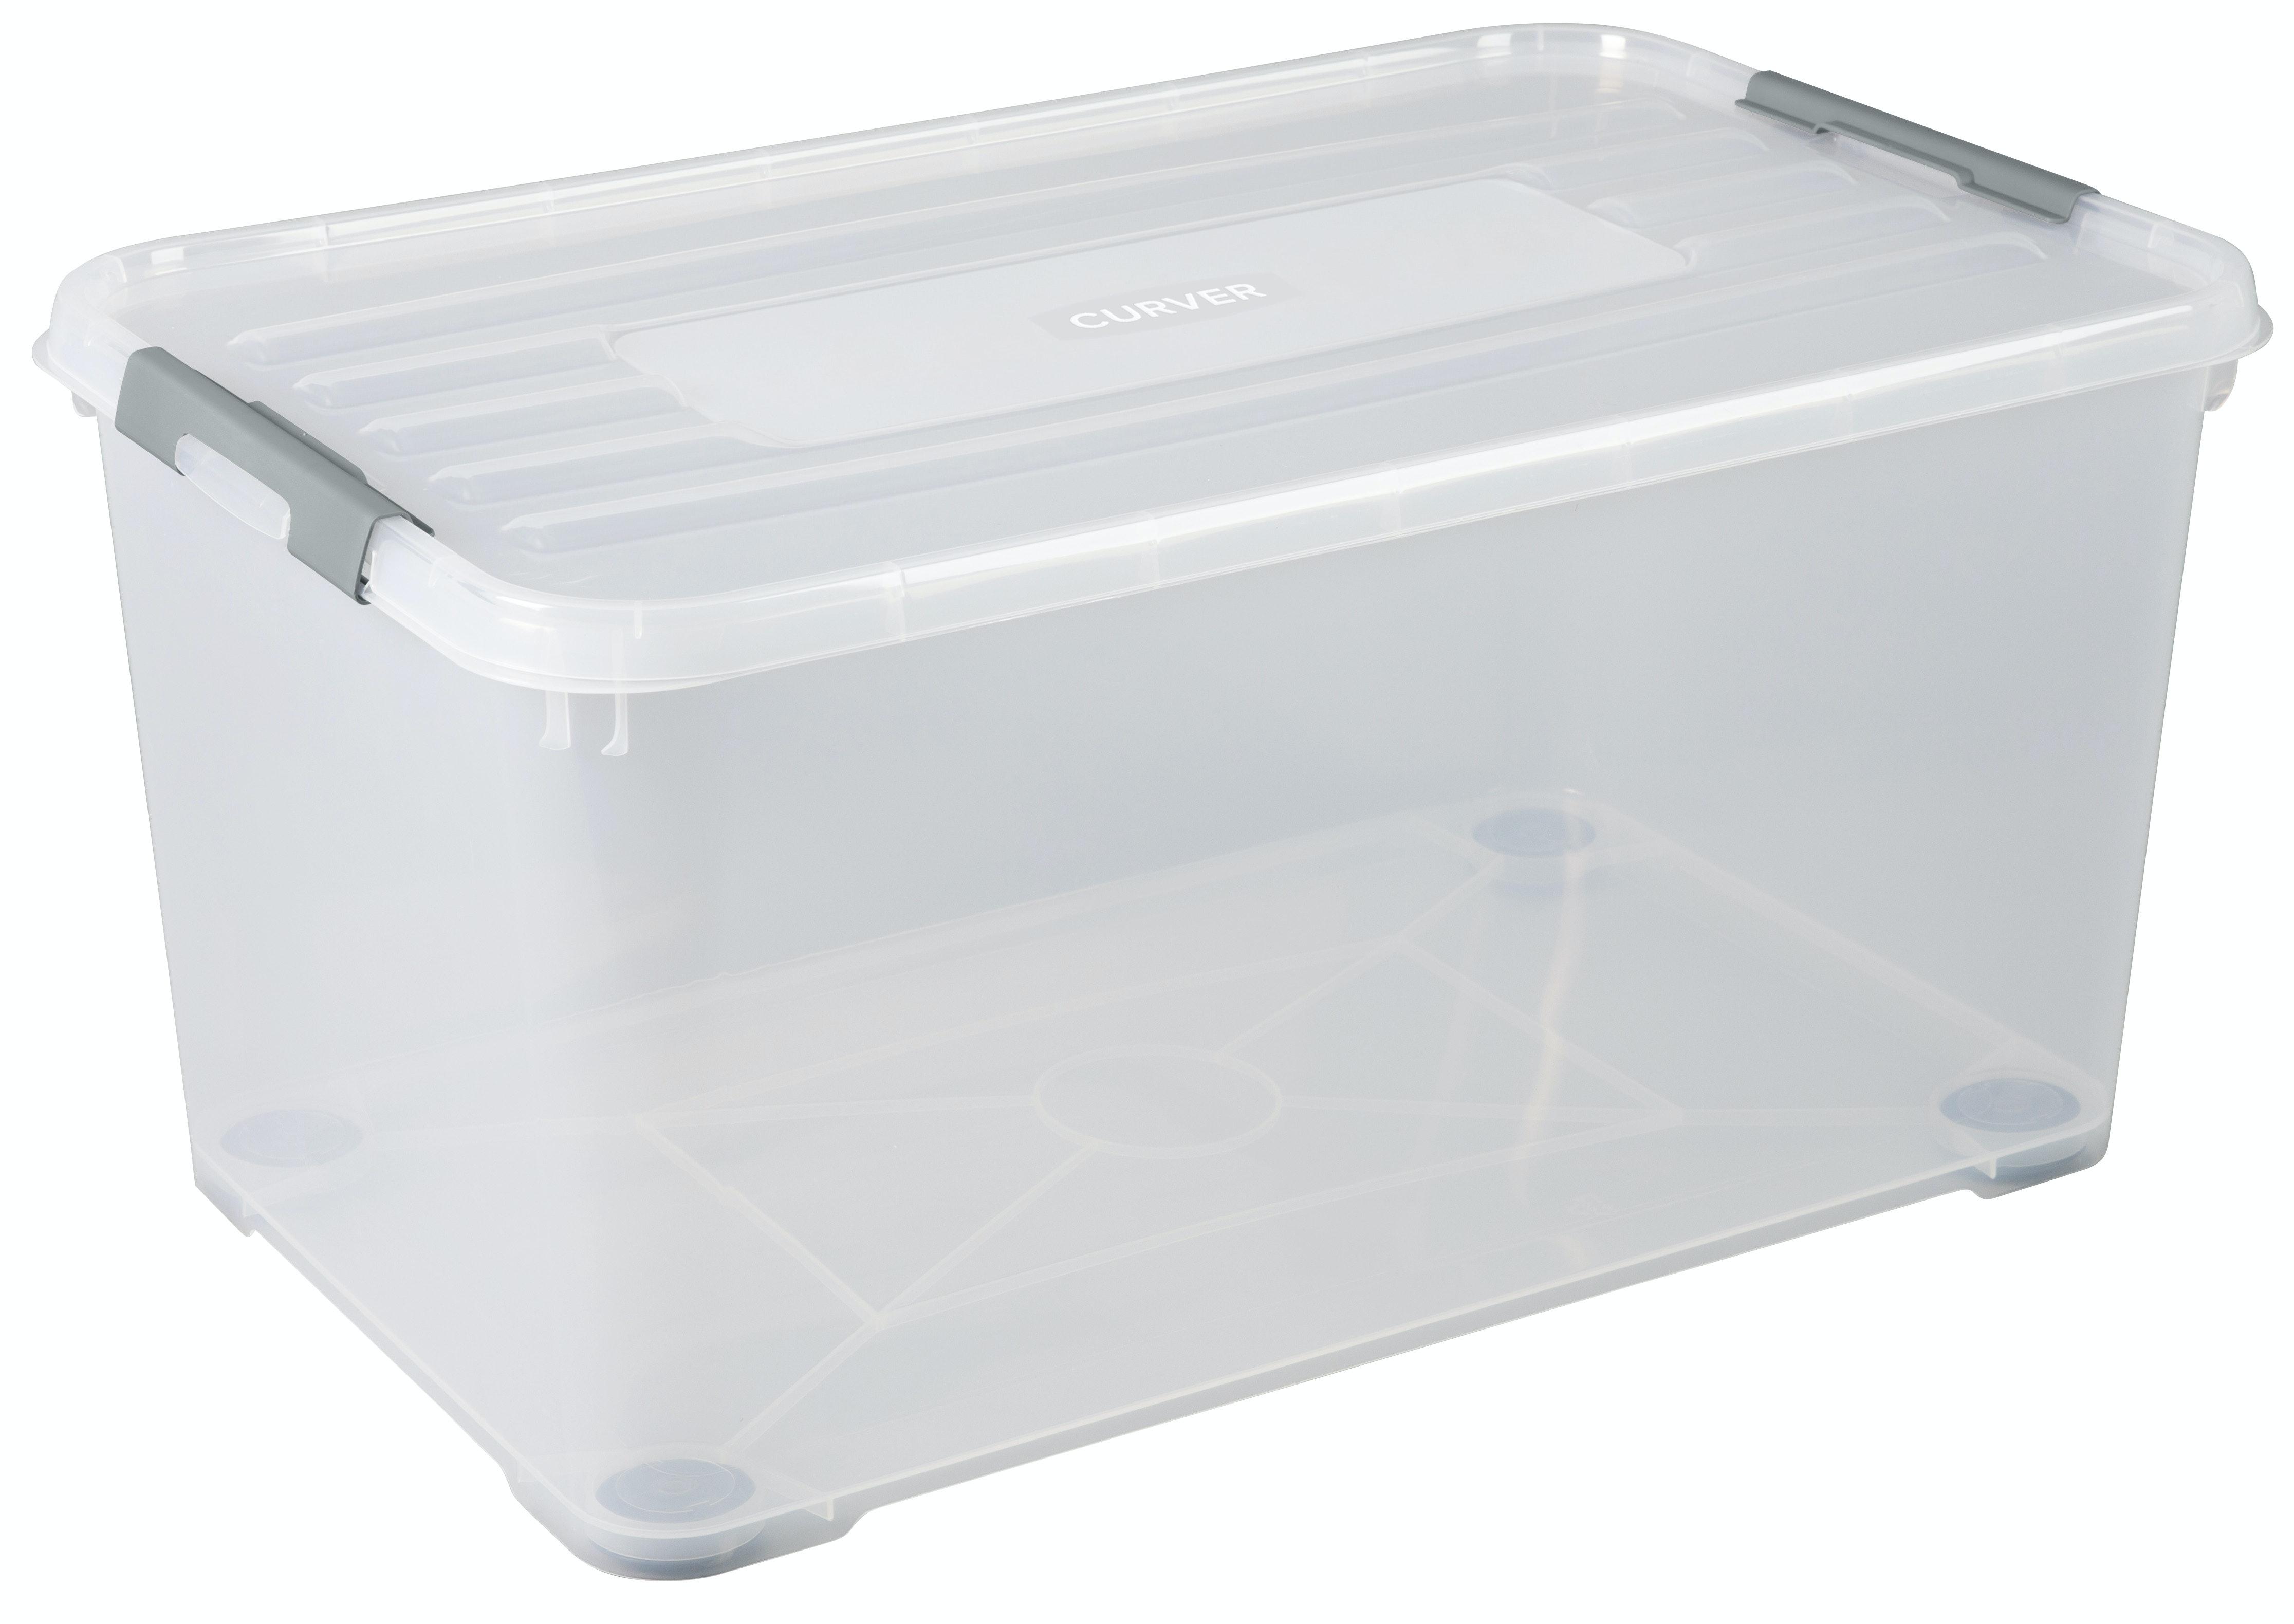 Allibert Handy+ Opbergbox 65 L met wielen